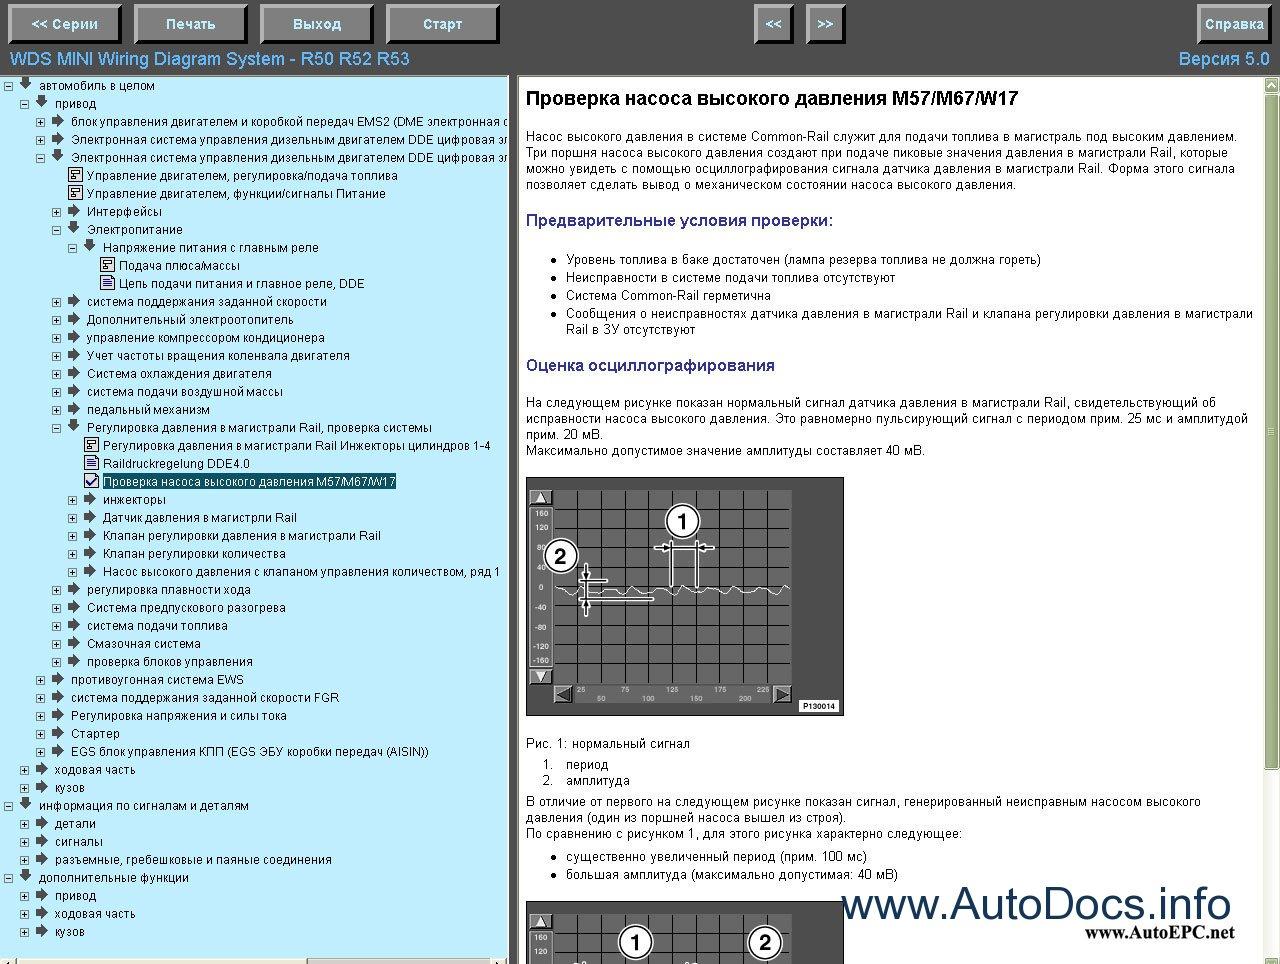 Bmw Mini Wds 5 0 Repair Manual Order  U0026 Download